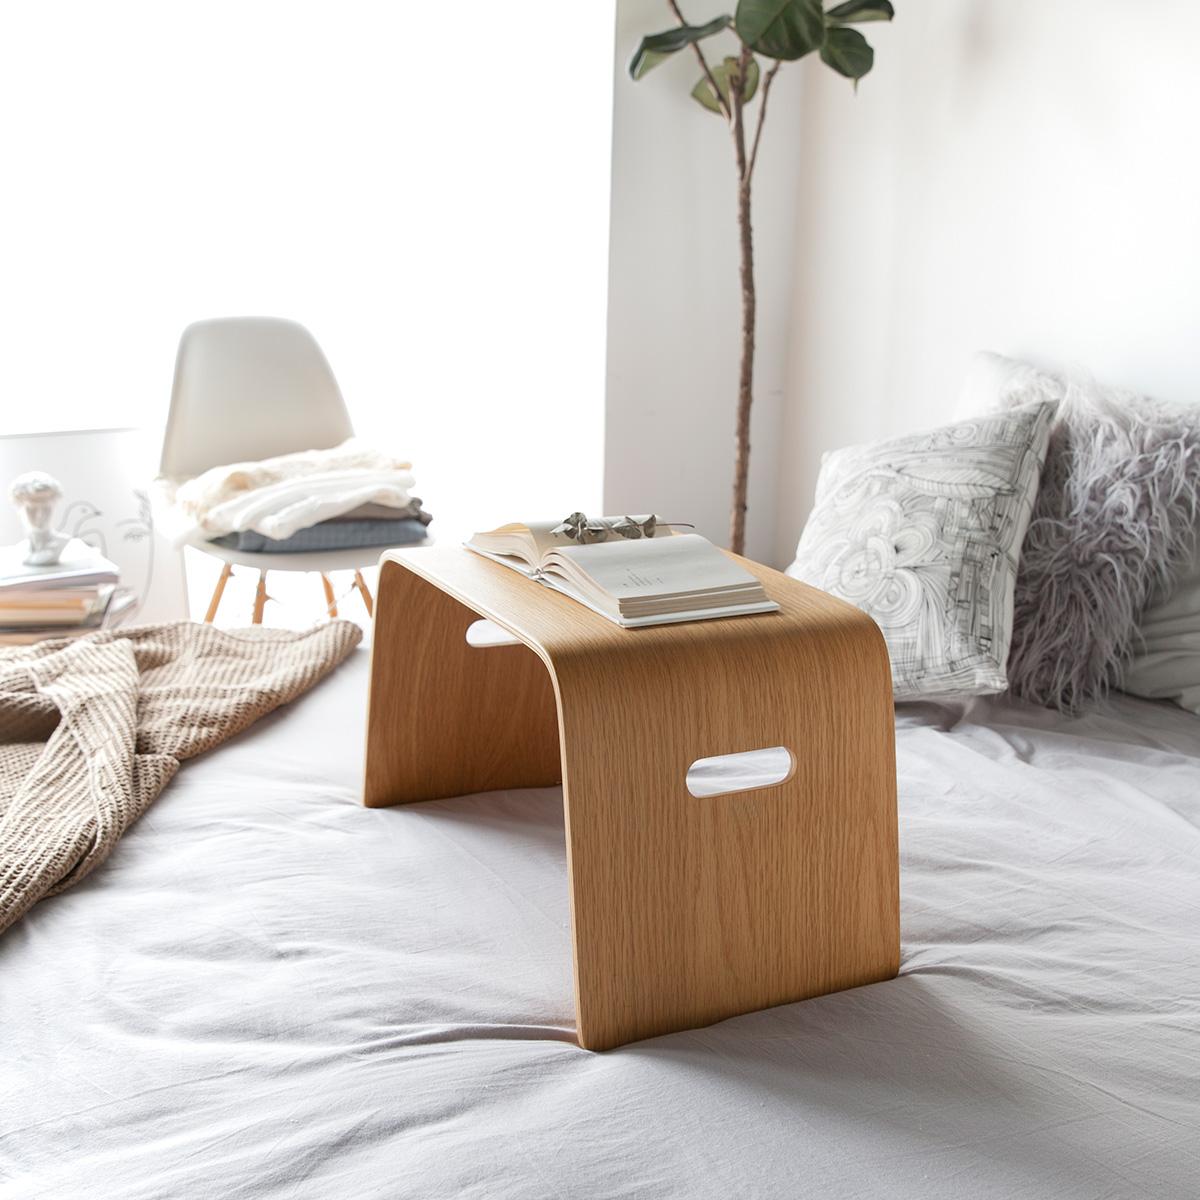 Оригинальная дизайнерская мебель Артикул 17476252568